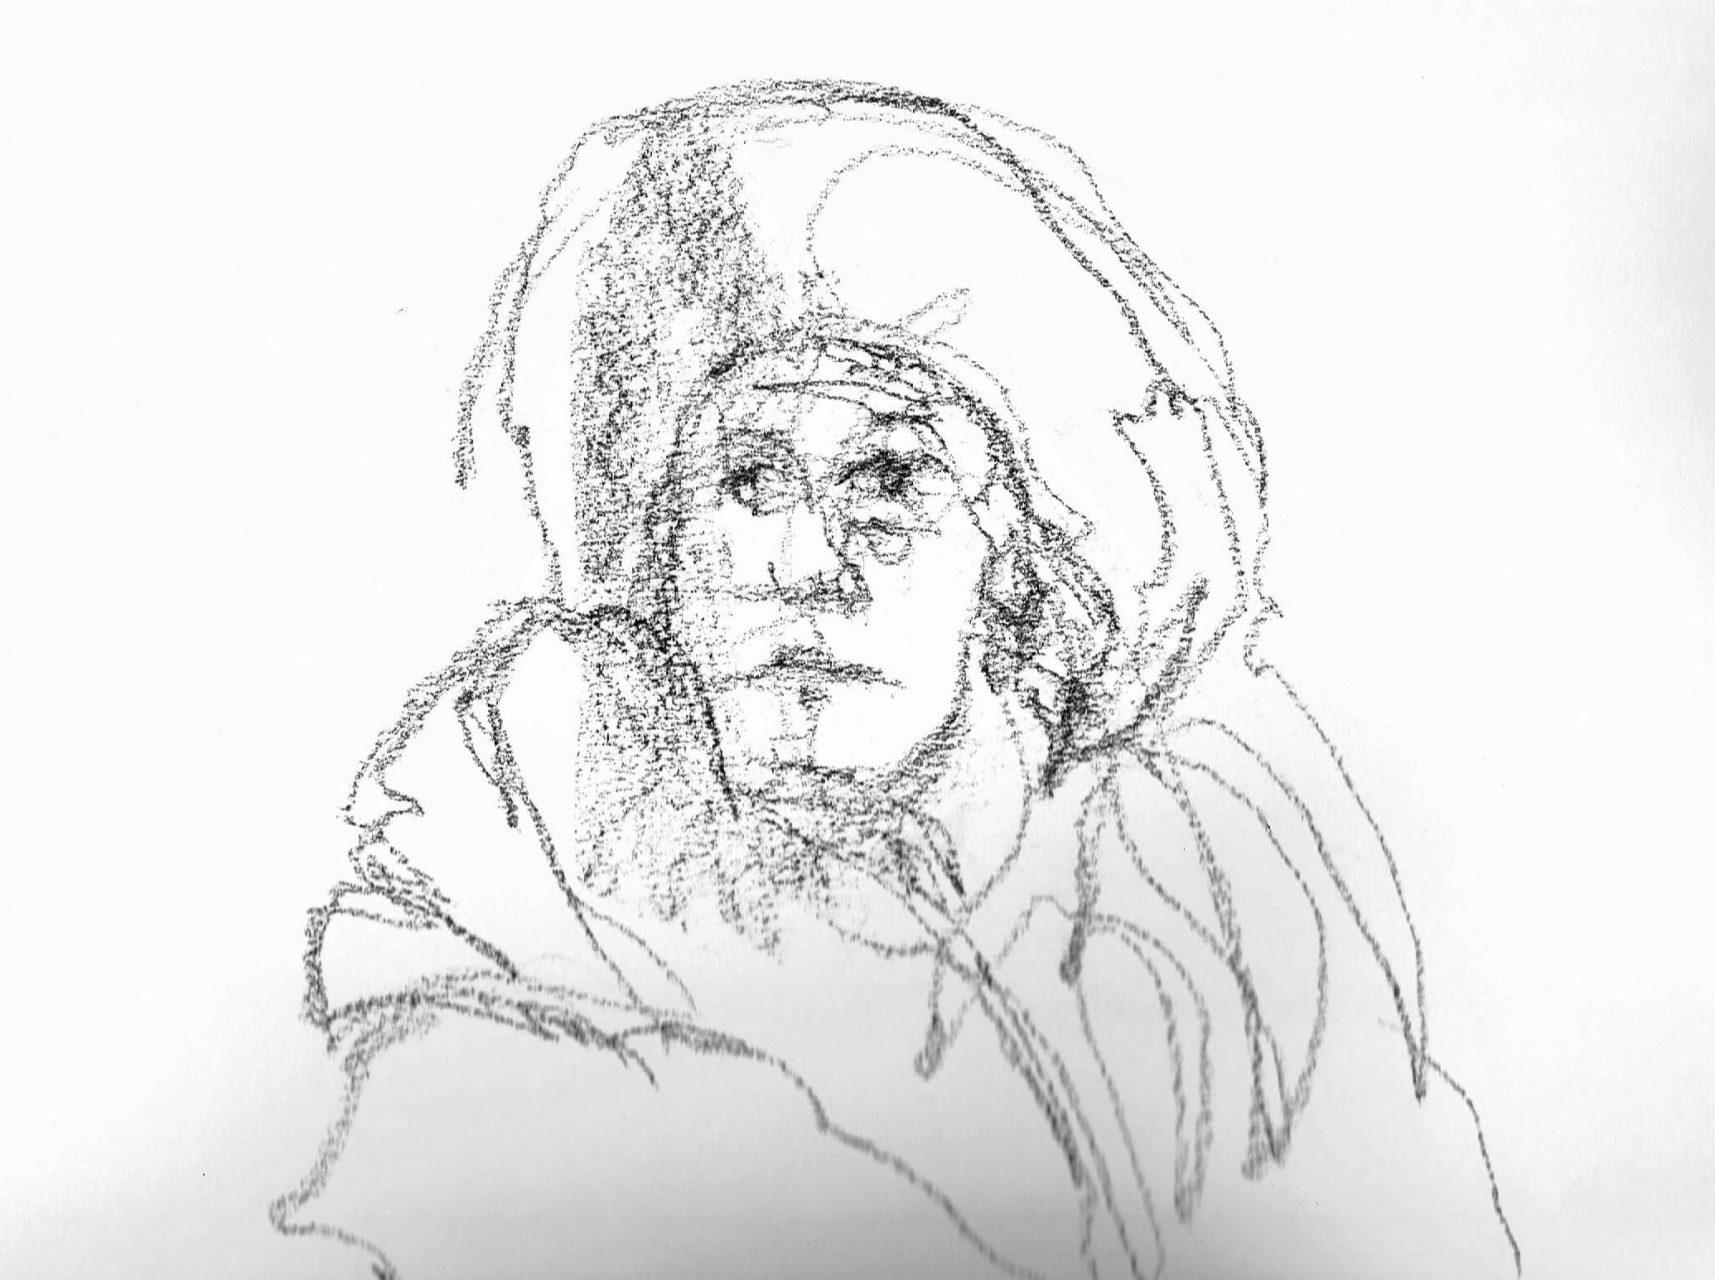 365 dagen een portret Sita, model Siberisch krijt, snelle schets 19c25